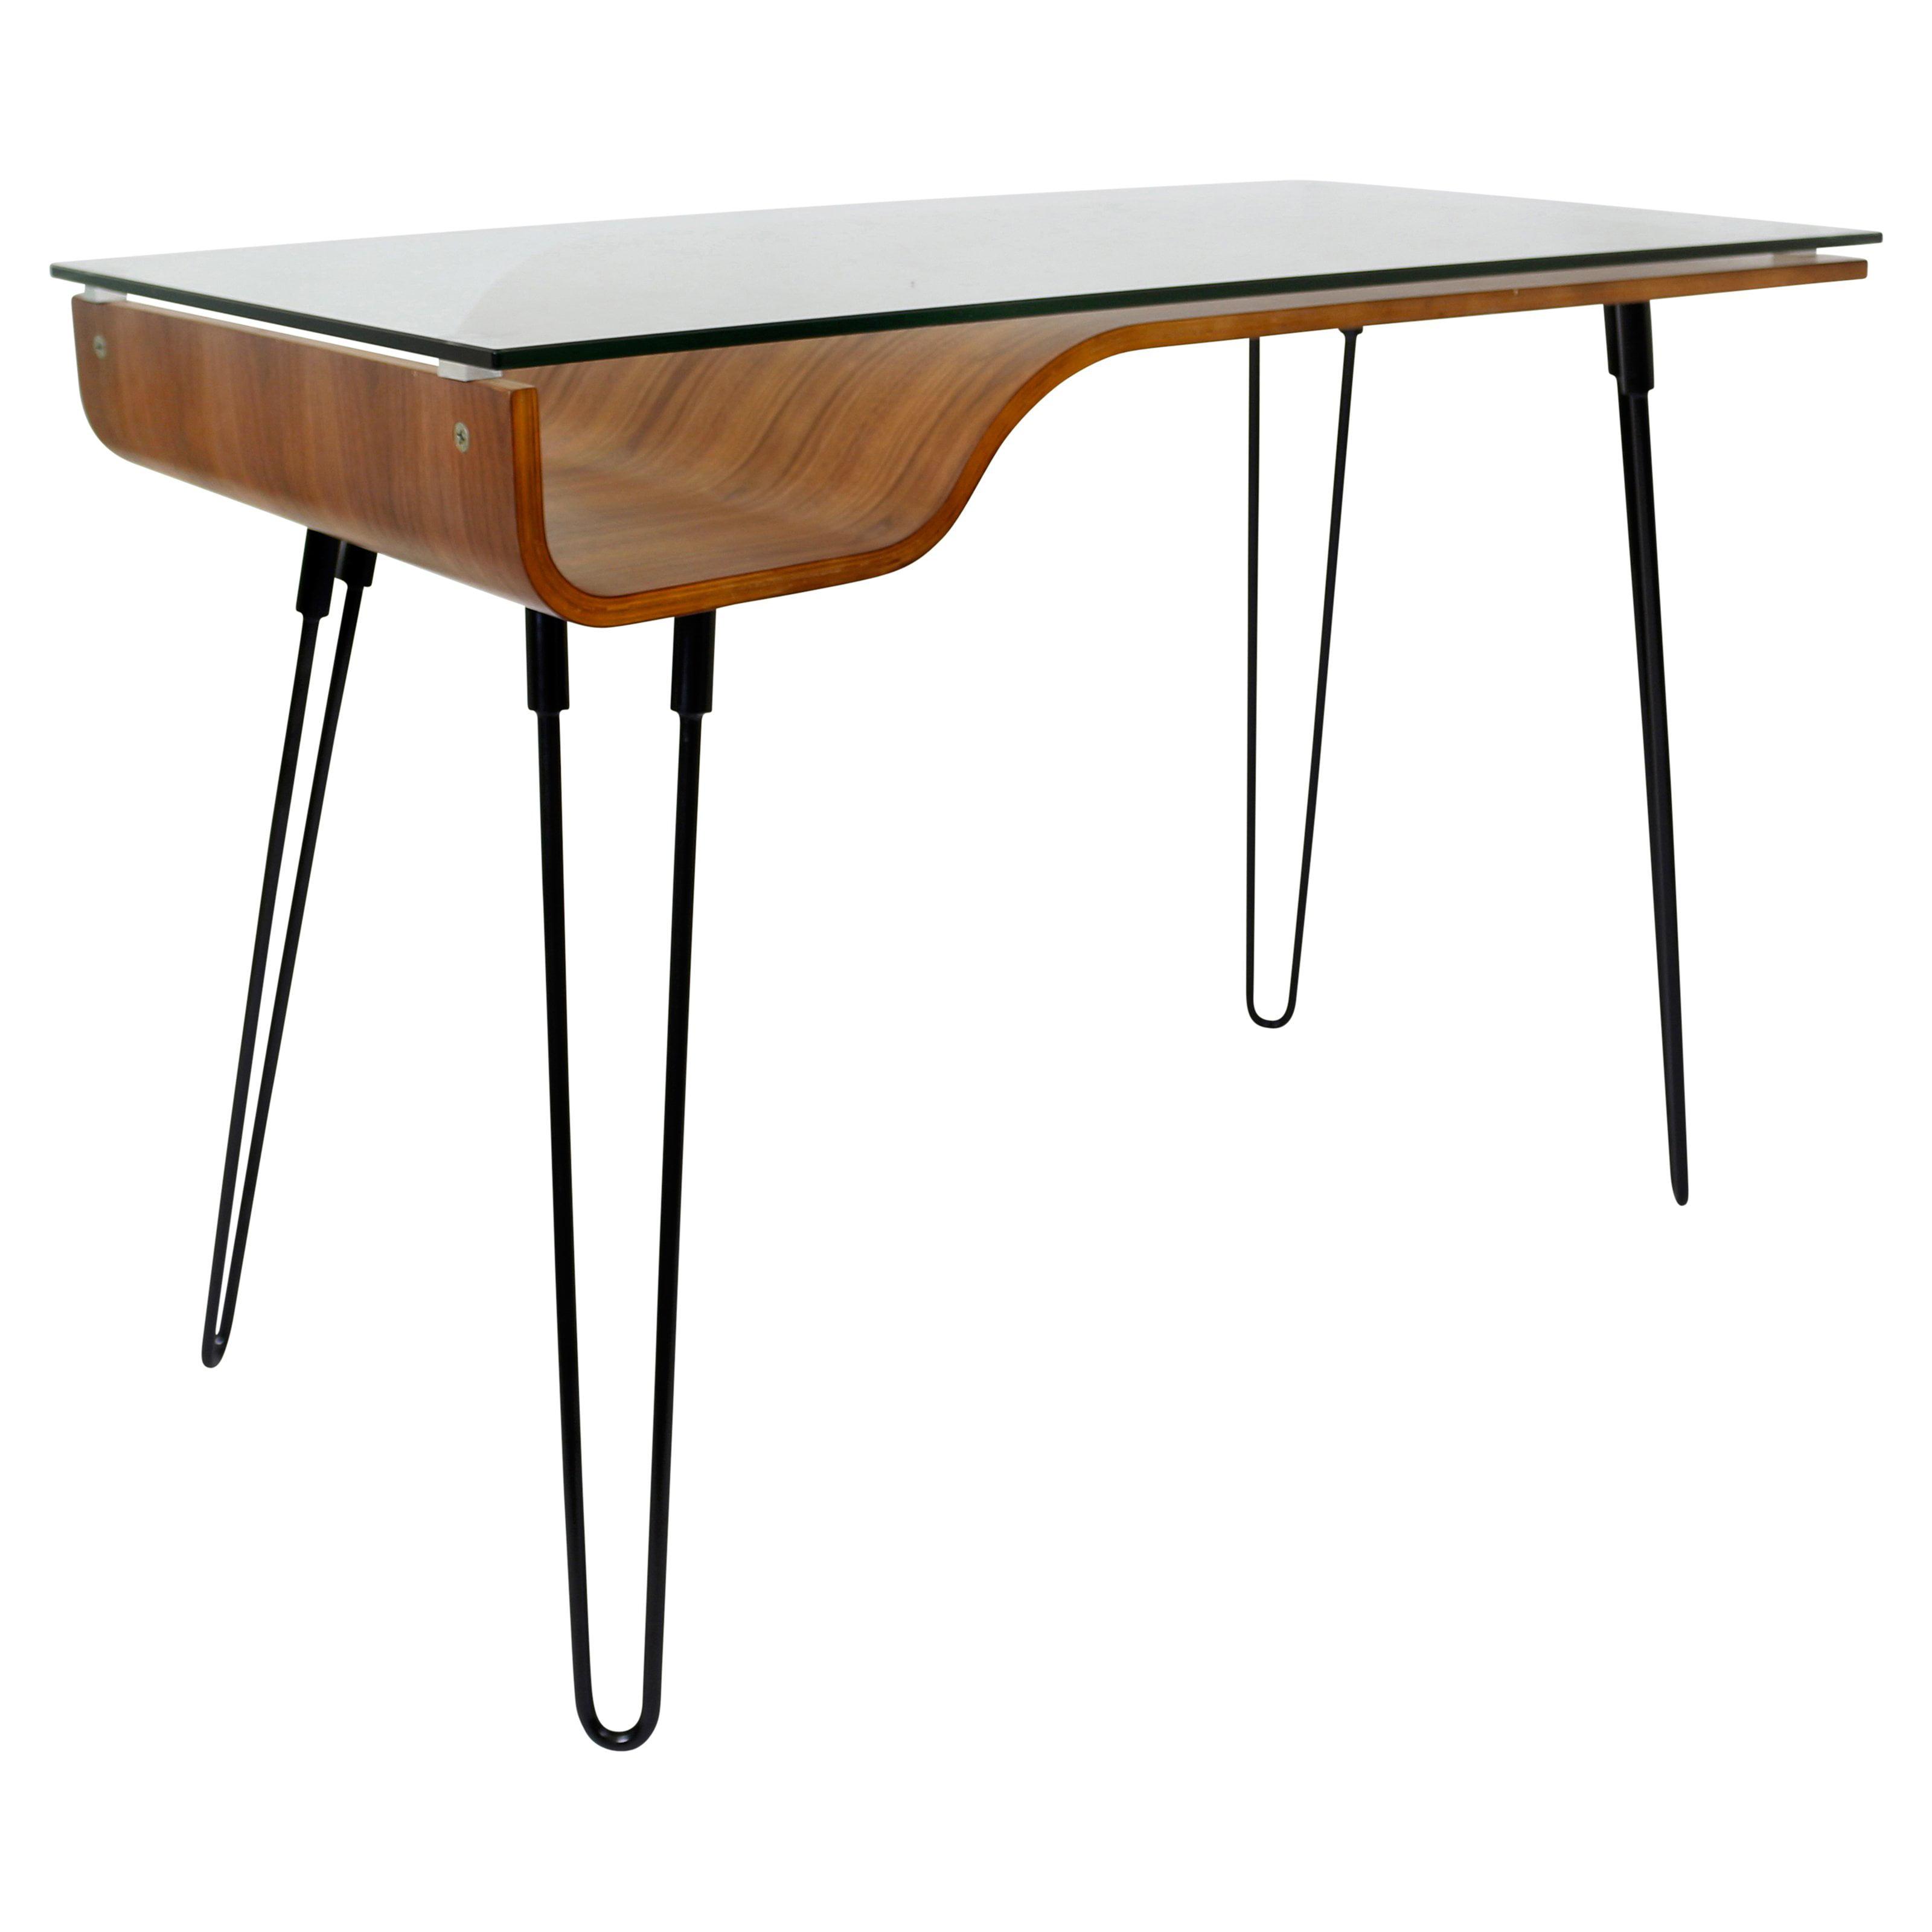 Lumisource Avery Desk by LumiSource